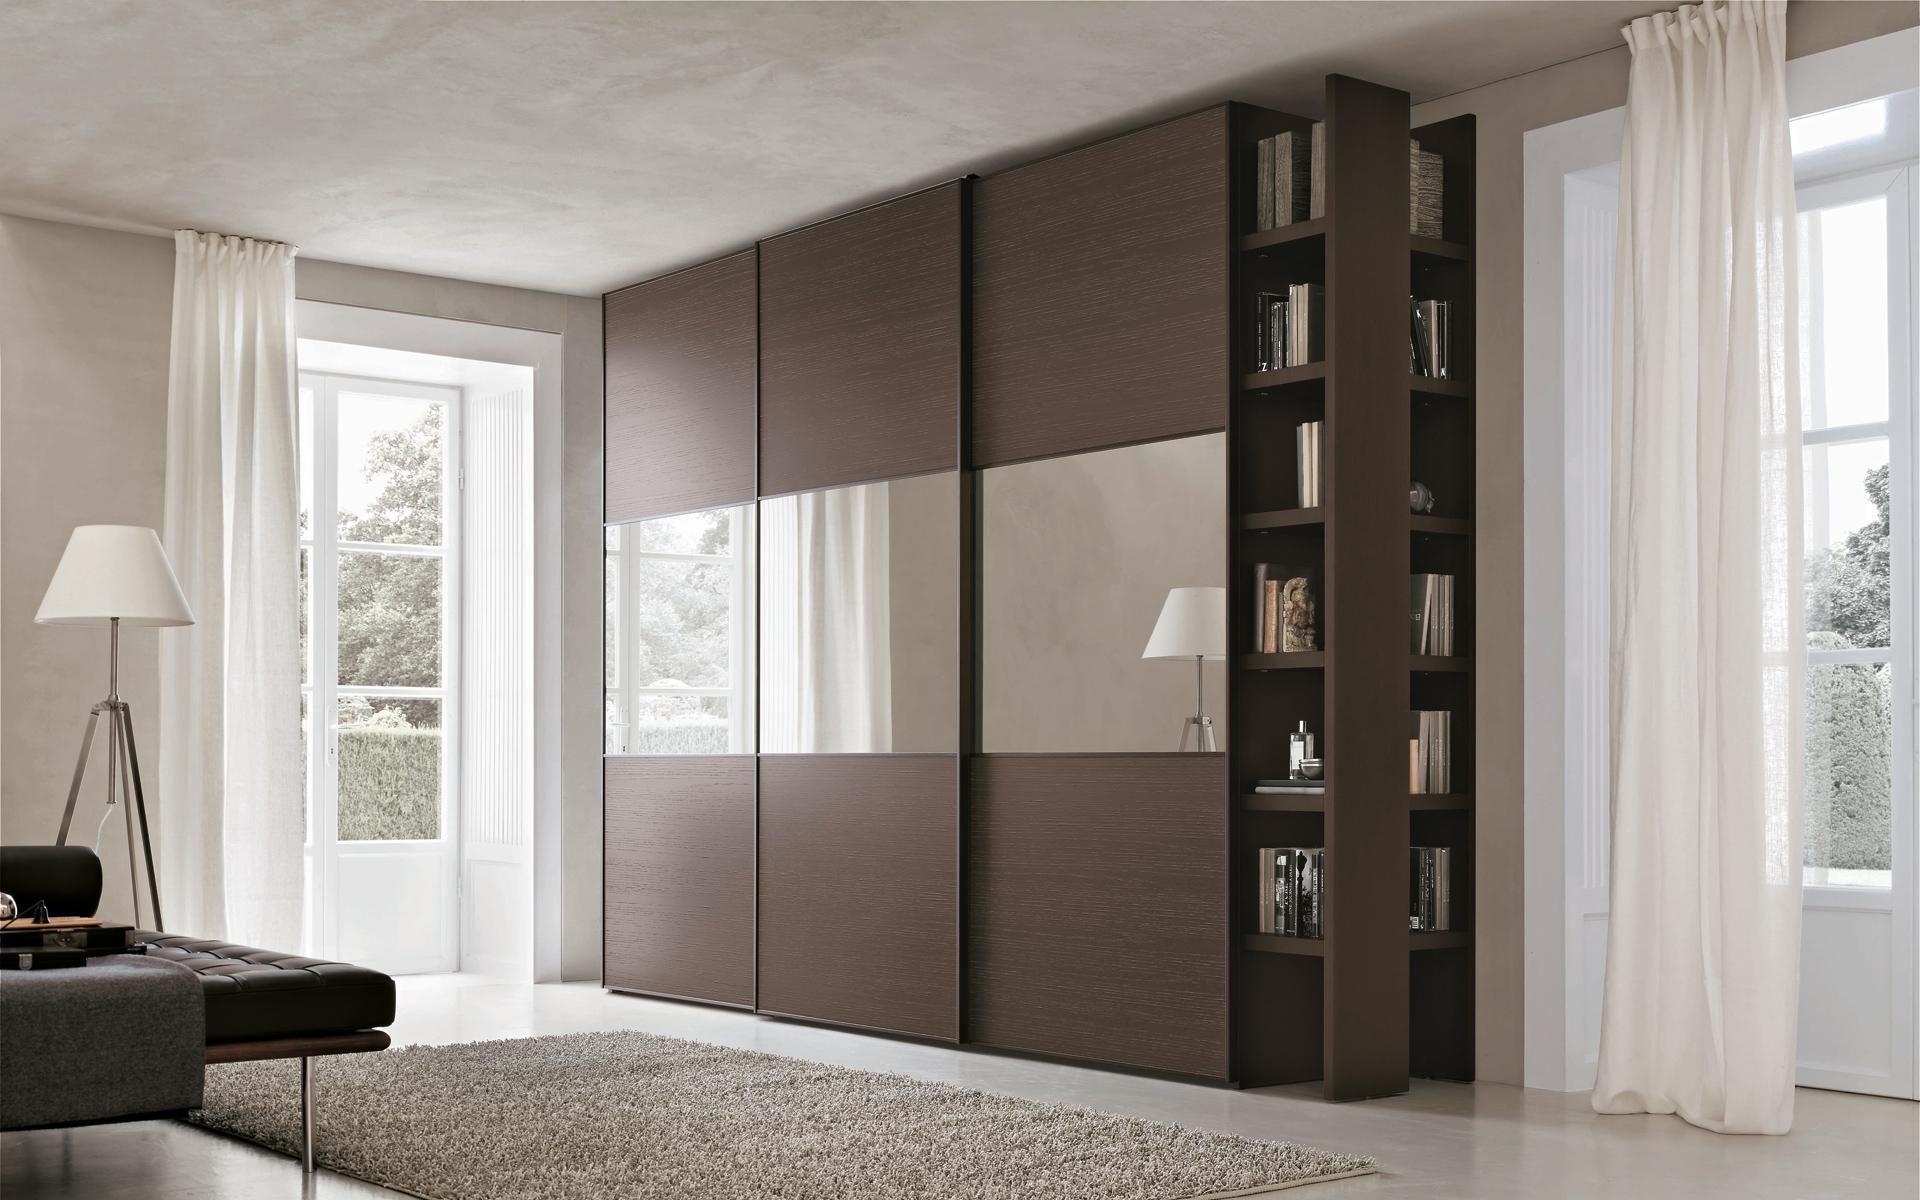 деревянная поверхность шкафа